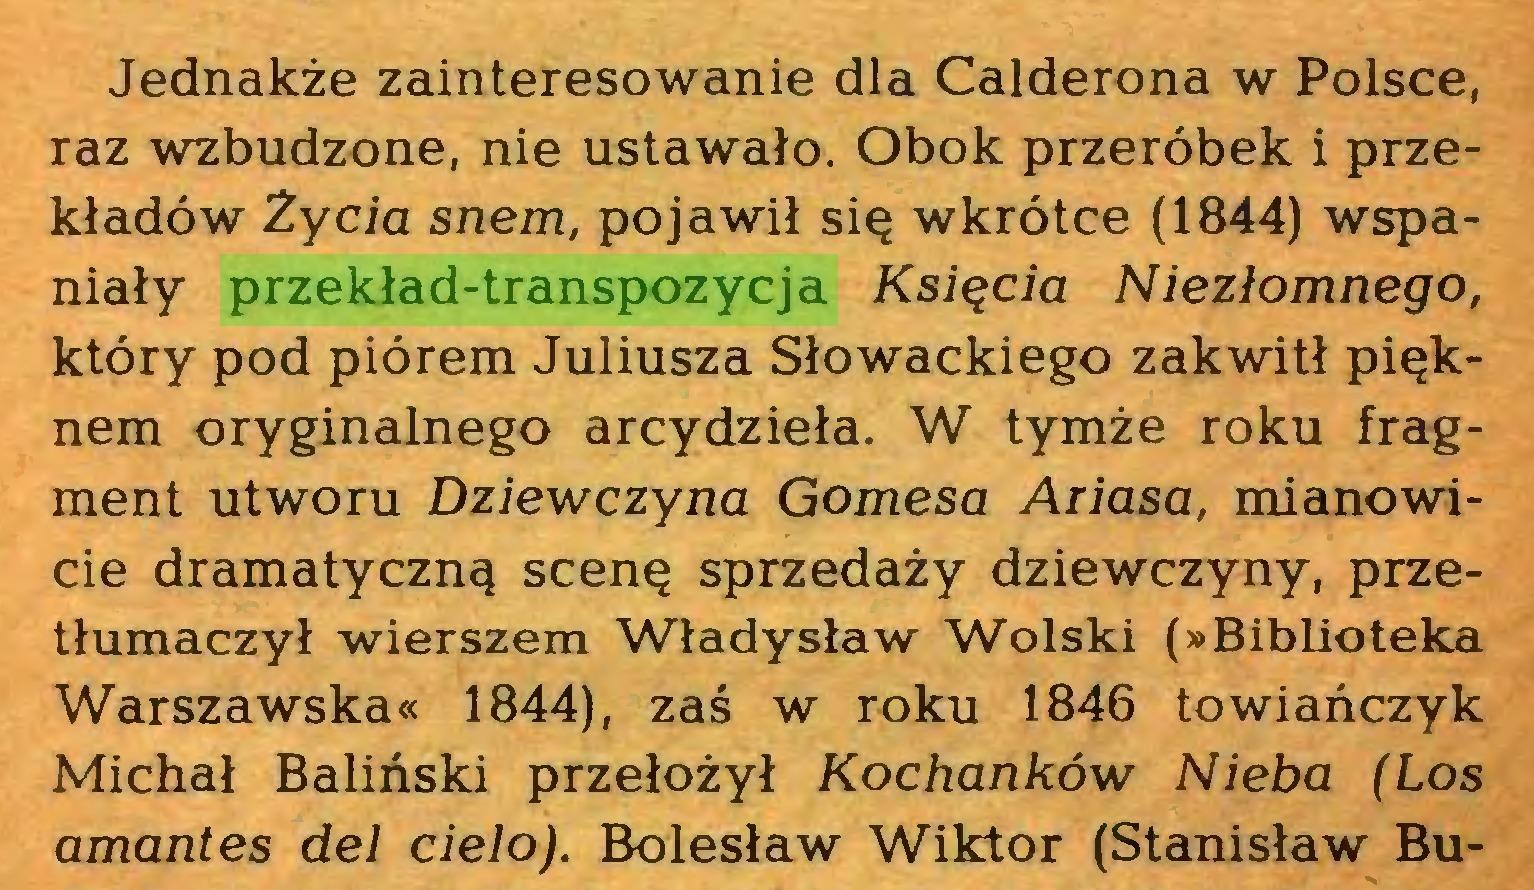 (...) Jednakże zainteresowanie dla Calderona w Polsce, raz wzbudzone, nie ustawało. Obok przeróbek i przekładów Życia snem, pojawił się wkrótce (1844) wspaniały przekład-transpozycja Księcia Niezłomnego, który pod piórem Juliusza Słowackiego zakwitł pięknem oryginalnego arcydzieła. W tymże roku fragment utworu Dziewczyna Gomesa Ariasa, mianowicie dramatyczną scenę sprzedaży dziewczyny, przetłumaczył wierszem Władysław Wolski (»Biblioteka Warszawska« 1844), zaś w roku 1846 towiańczyk Michał Baliński przełożył Kochanków Nieba (Los amantes del cielo). Bolesław Wiktor (Stanisław Bu...